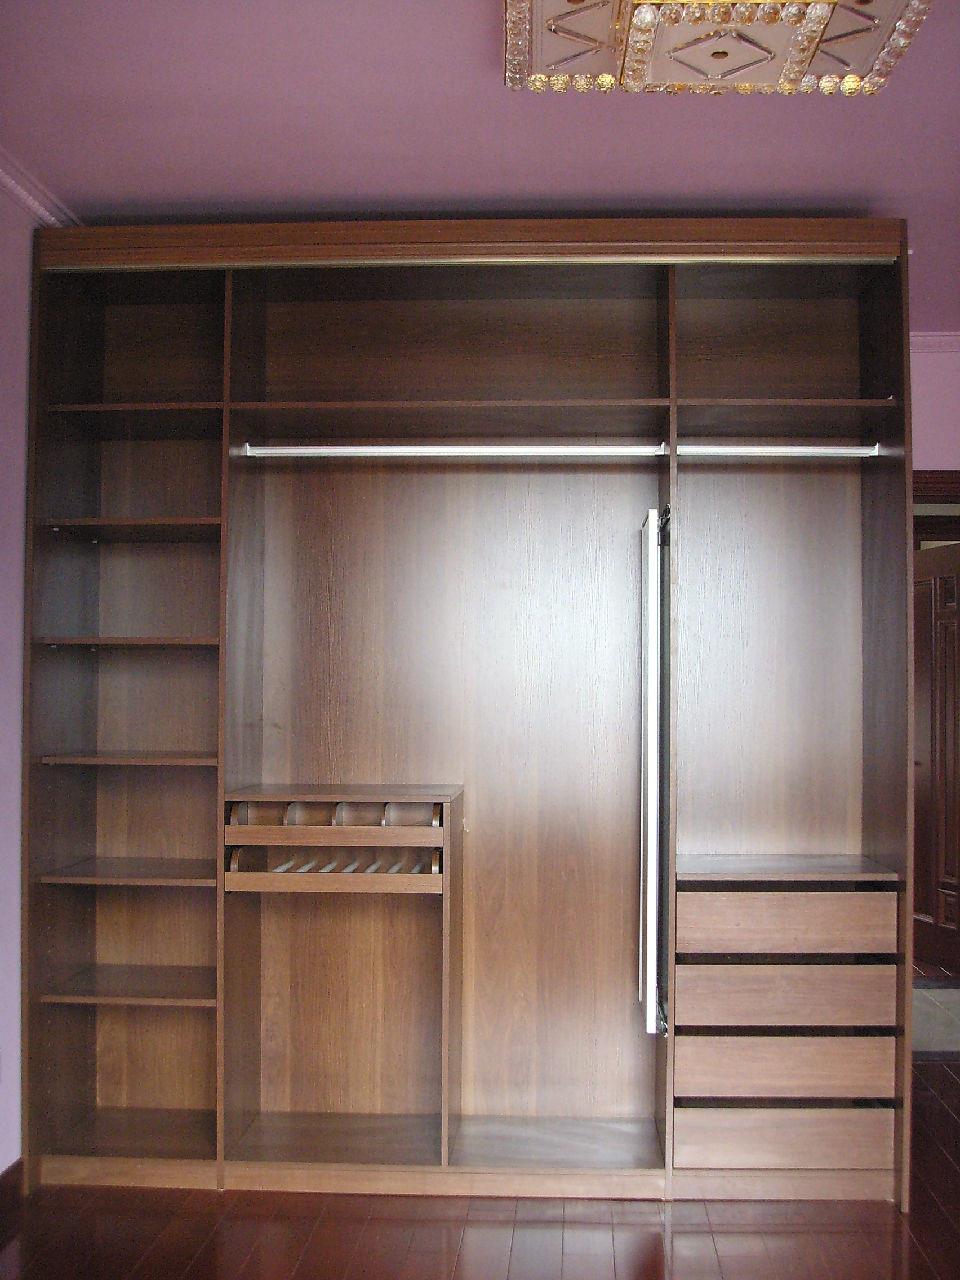 好莱客定制衣柜柜体板材经典系列密度板